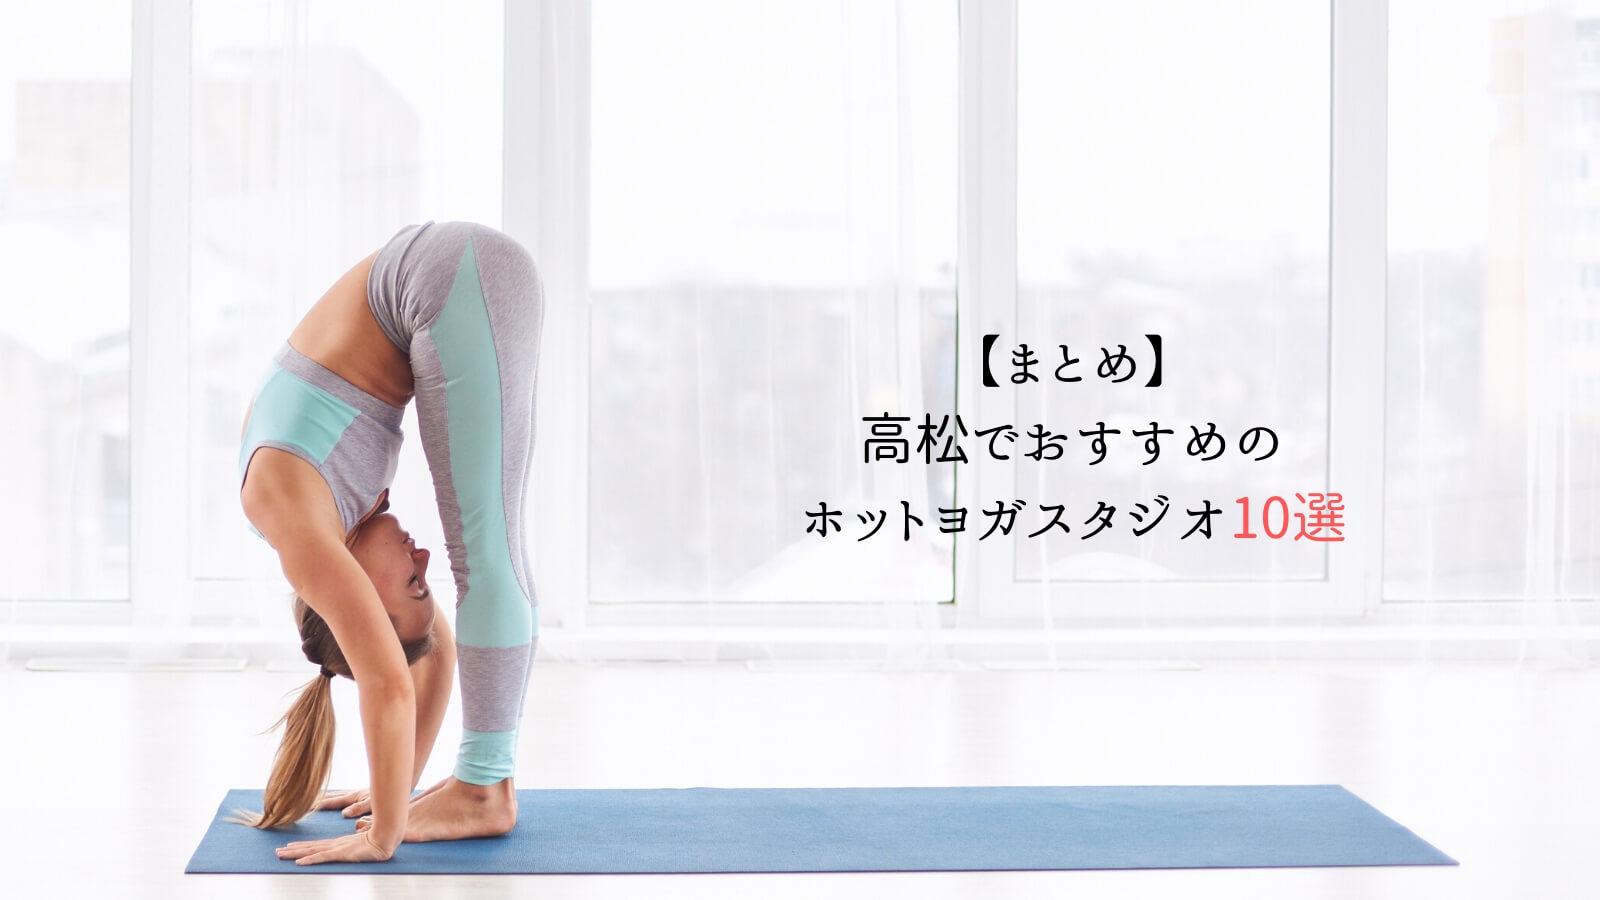 【まとめ】高松でおすすめのホットヨガスタジオ10選